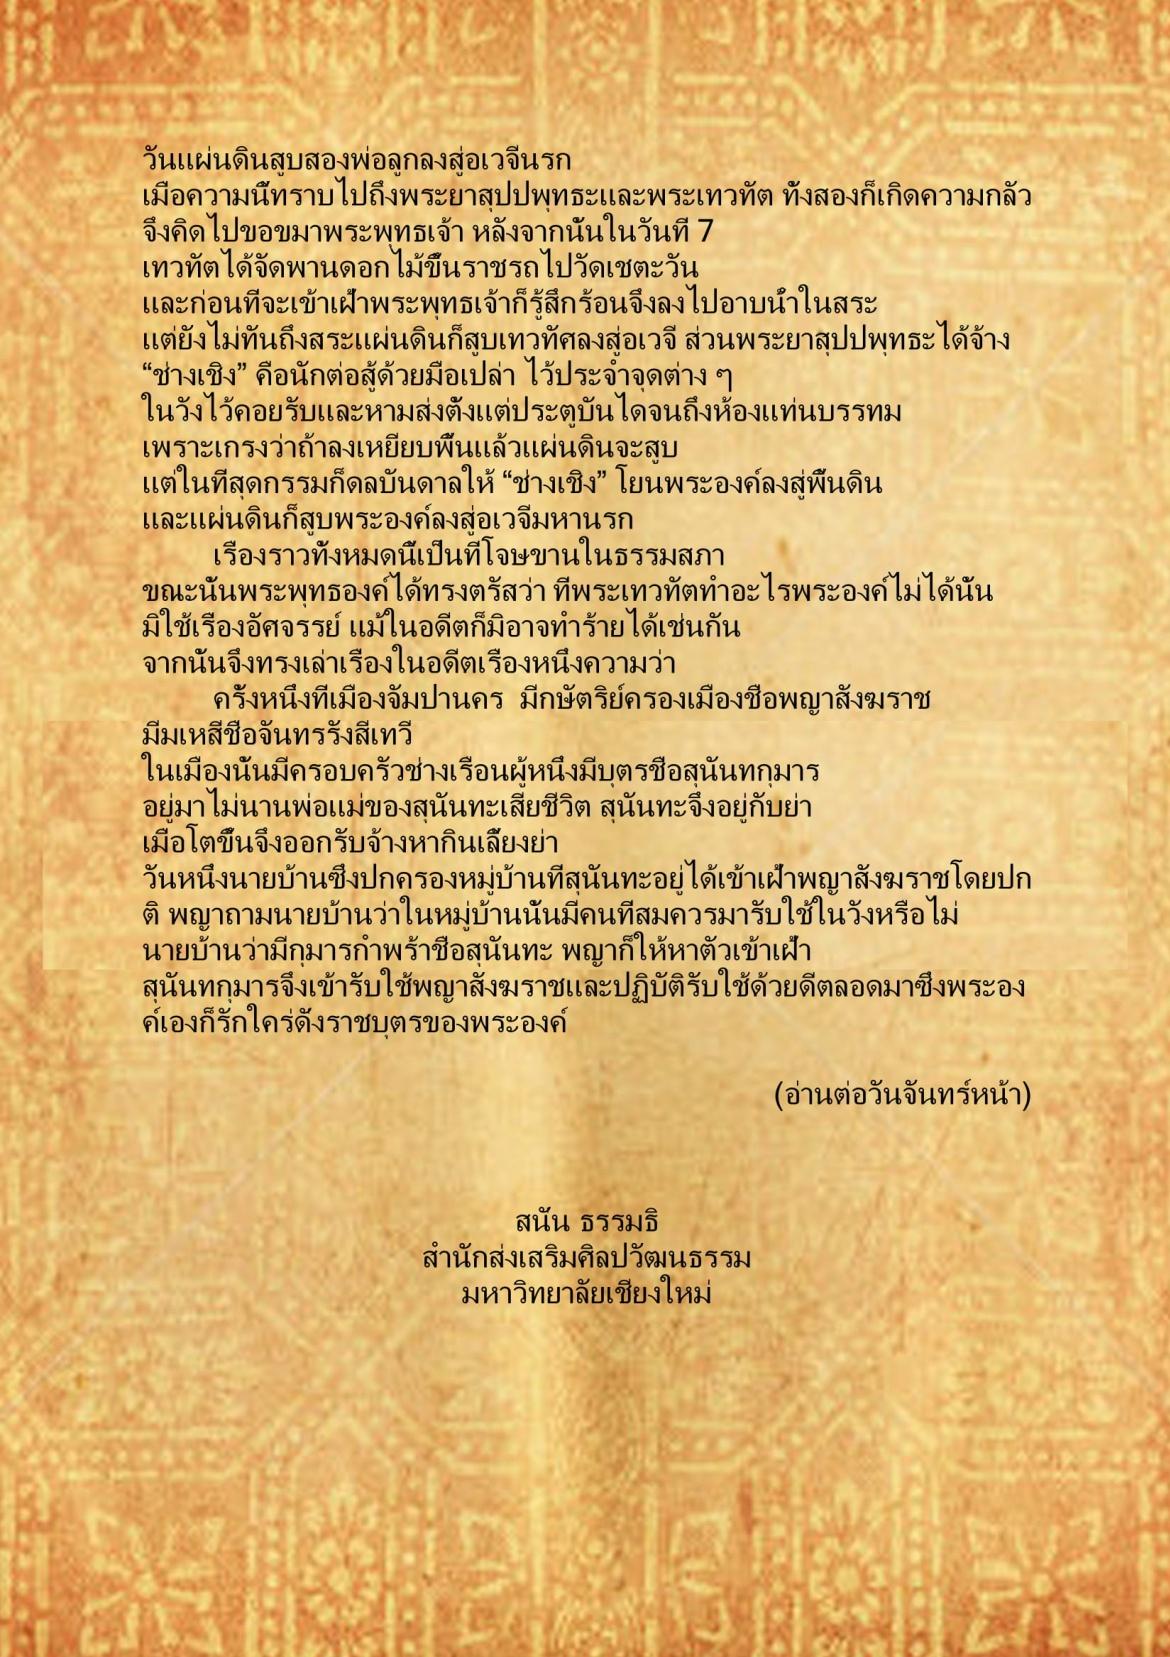 ช้างสามงาปลาสามเงี่ยง (1) -  18  มกราคม  2559